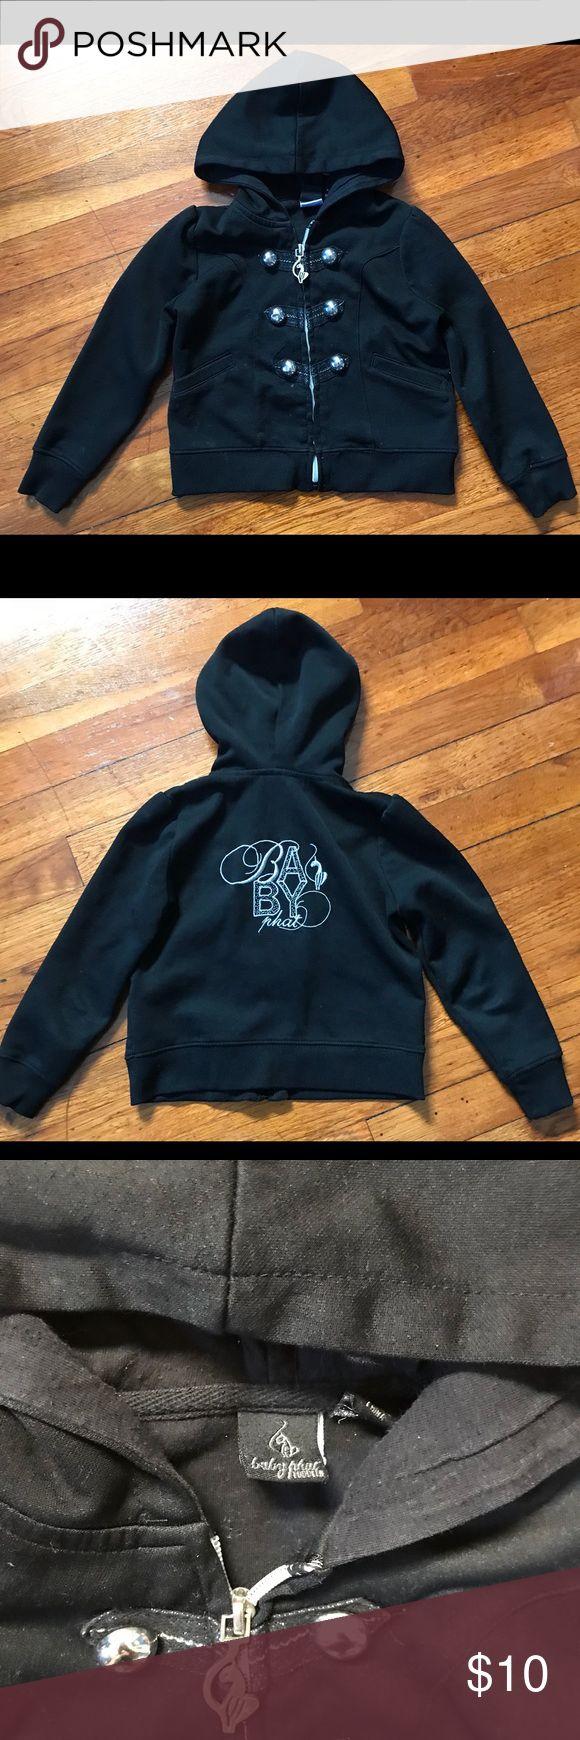 Baby Phat girls Hoodie Very cute Black and Silver hoodie. Baby Phat Tops